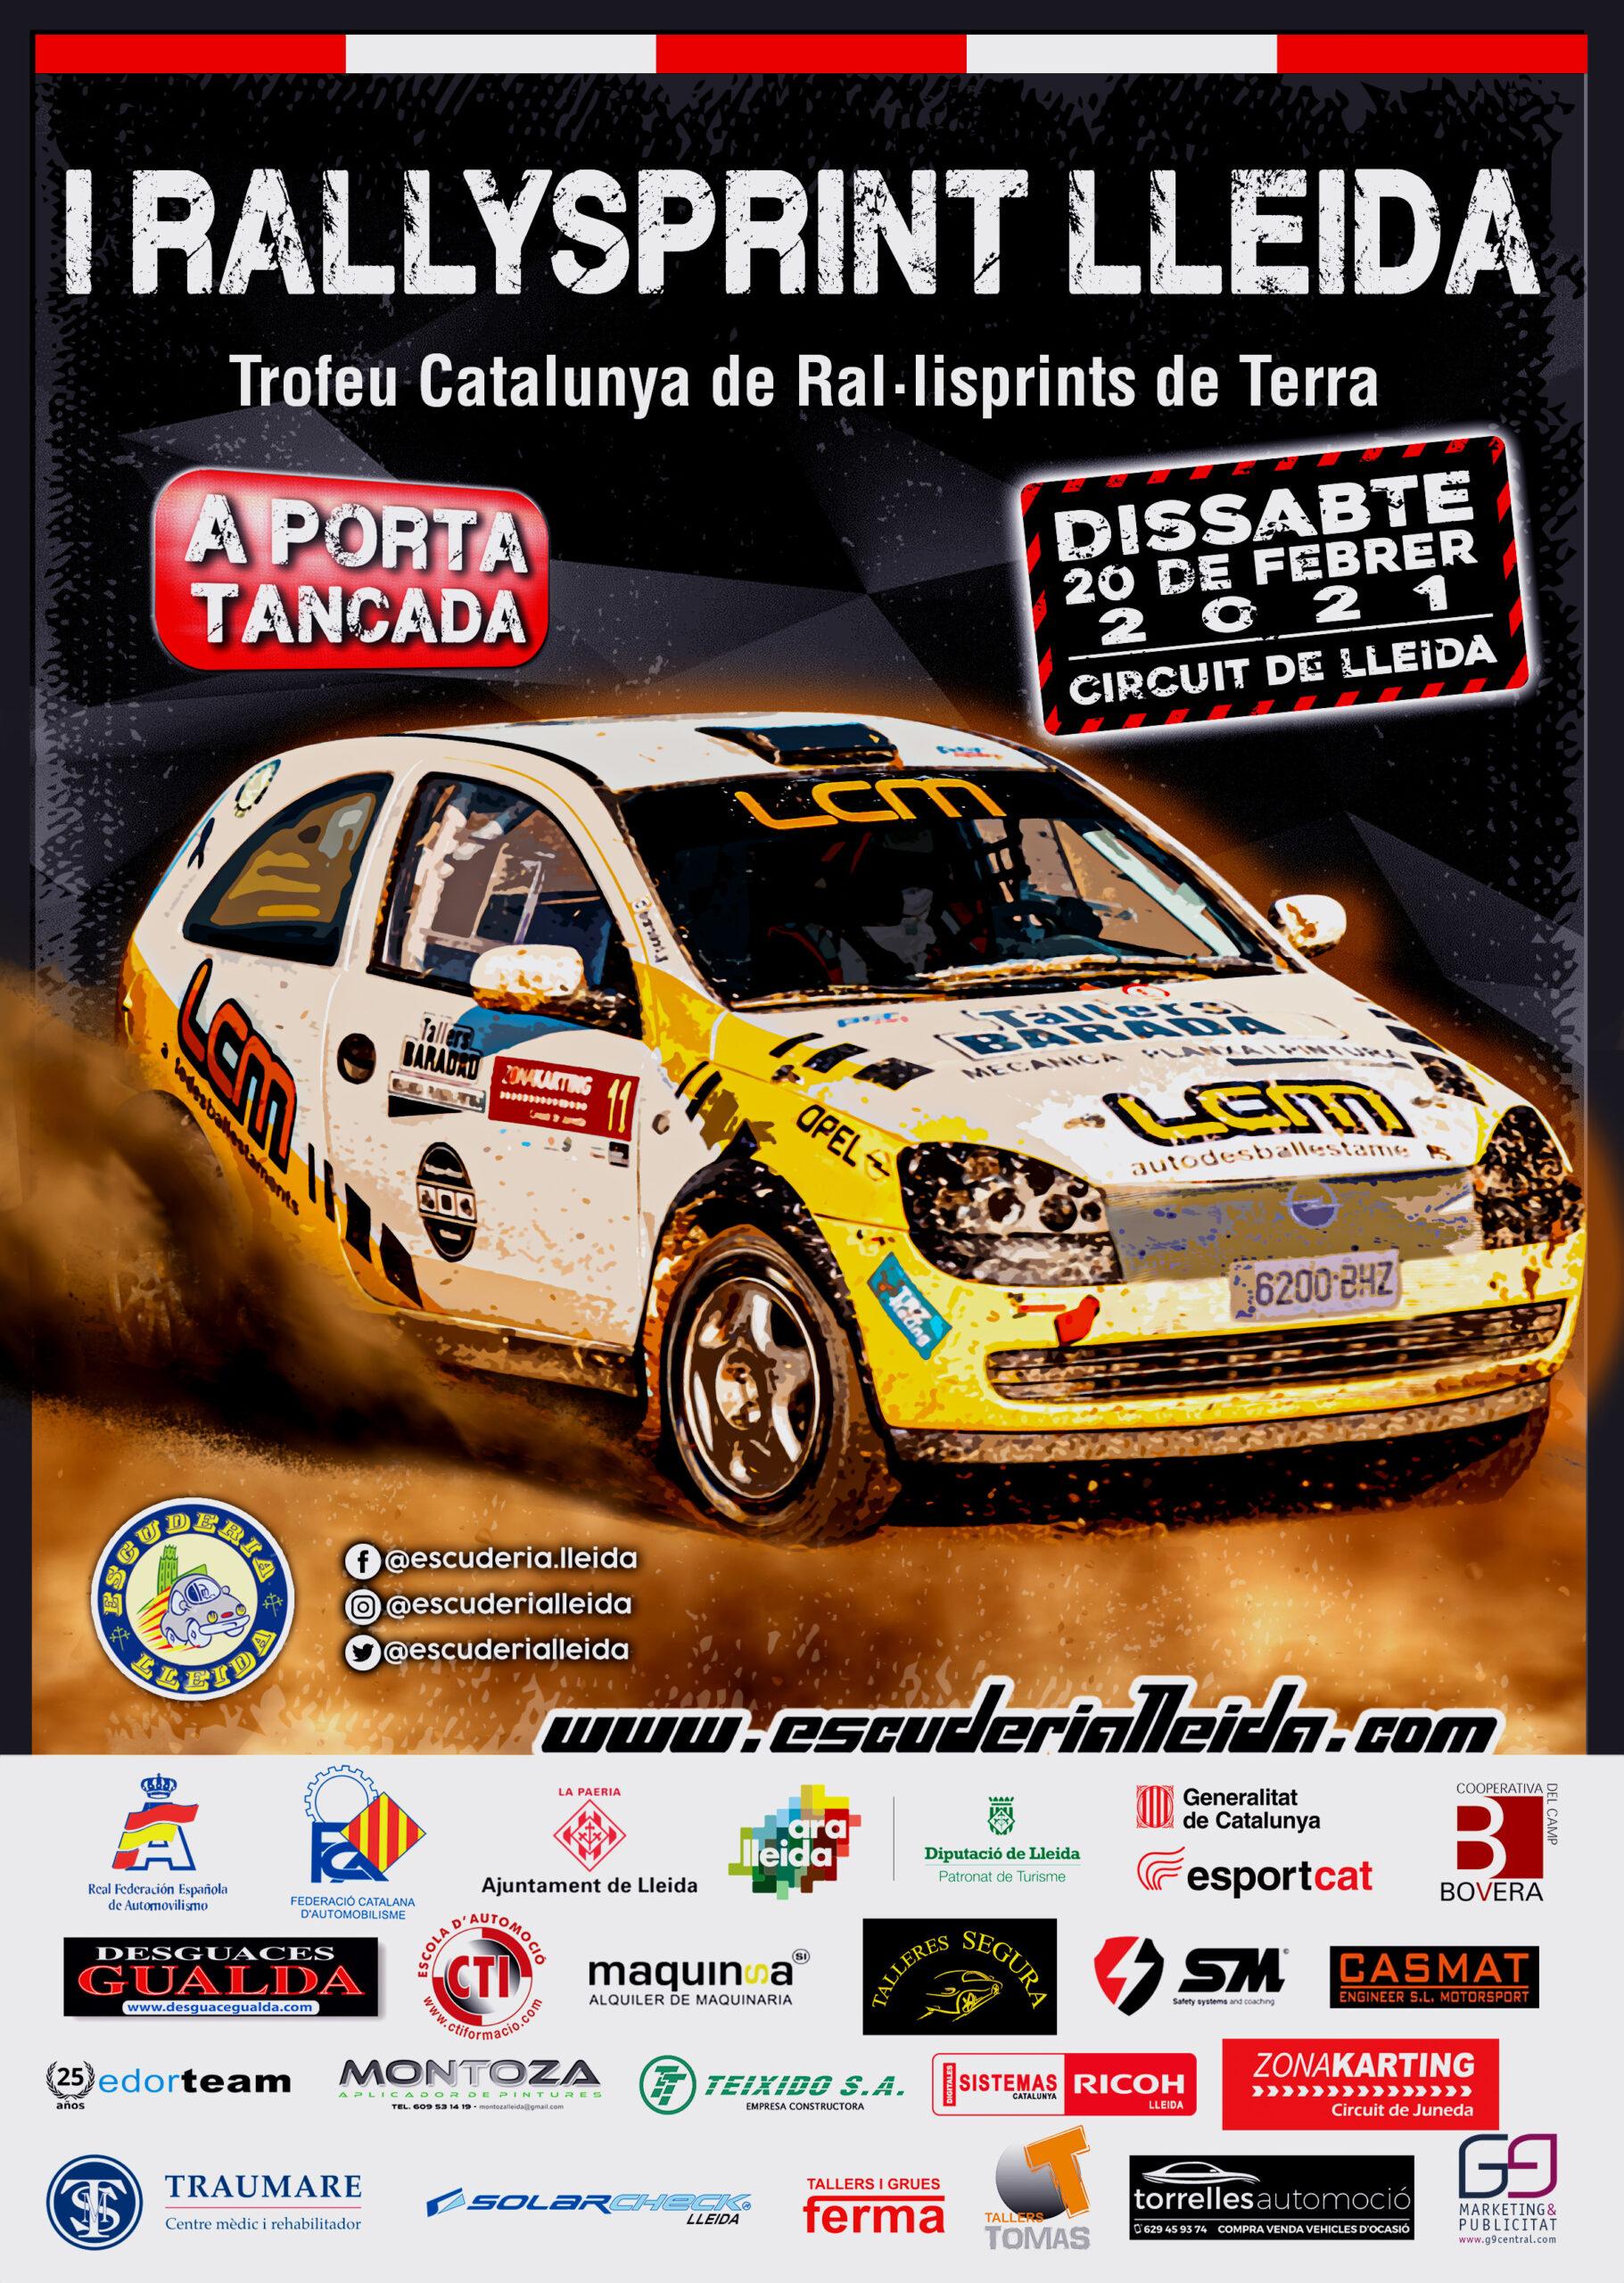 Campeonatos Regionales 2021: Información y novedades  - Página 5 02.Cartell-Rallysprint-Lleida-20.02.2021-1-scaled